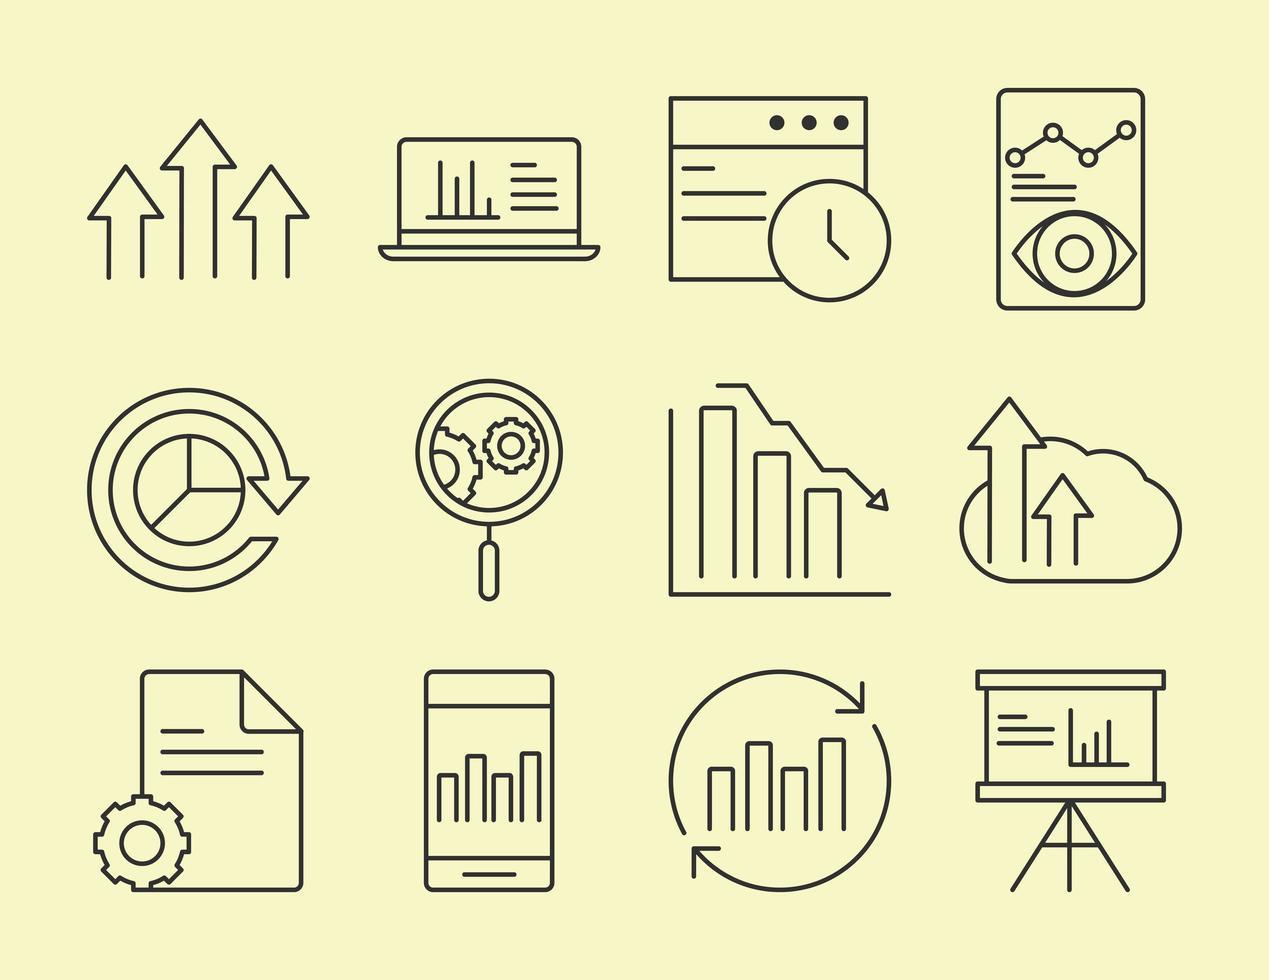 conjunto de ícones de análise de dados, negócios e estratégia de marketing vetor